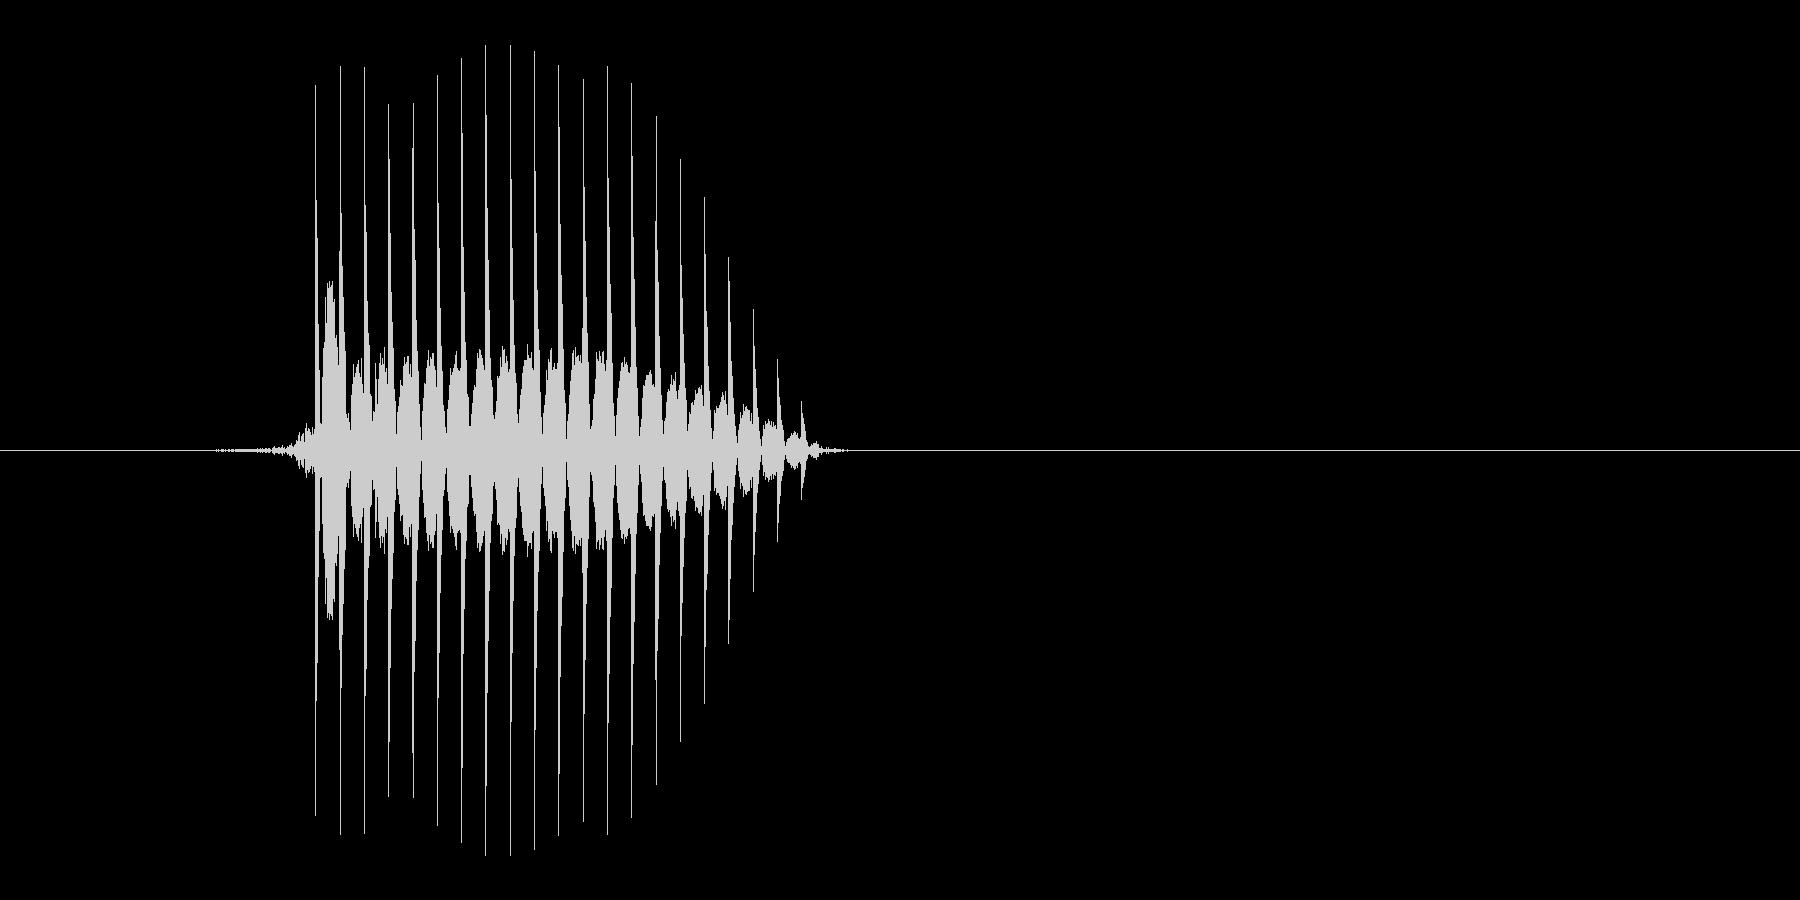 ゲーム(ファミコン風)セレクト音_010の未再生の波形